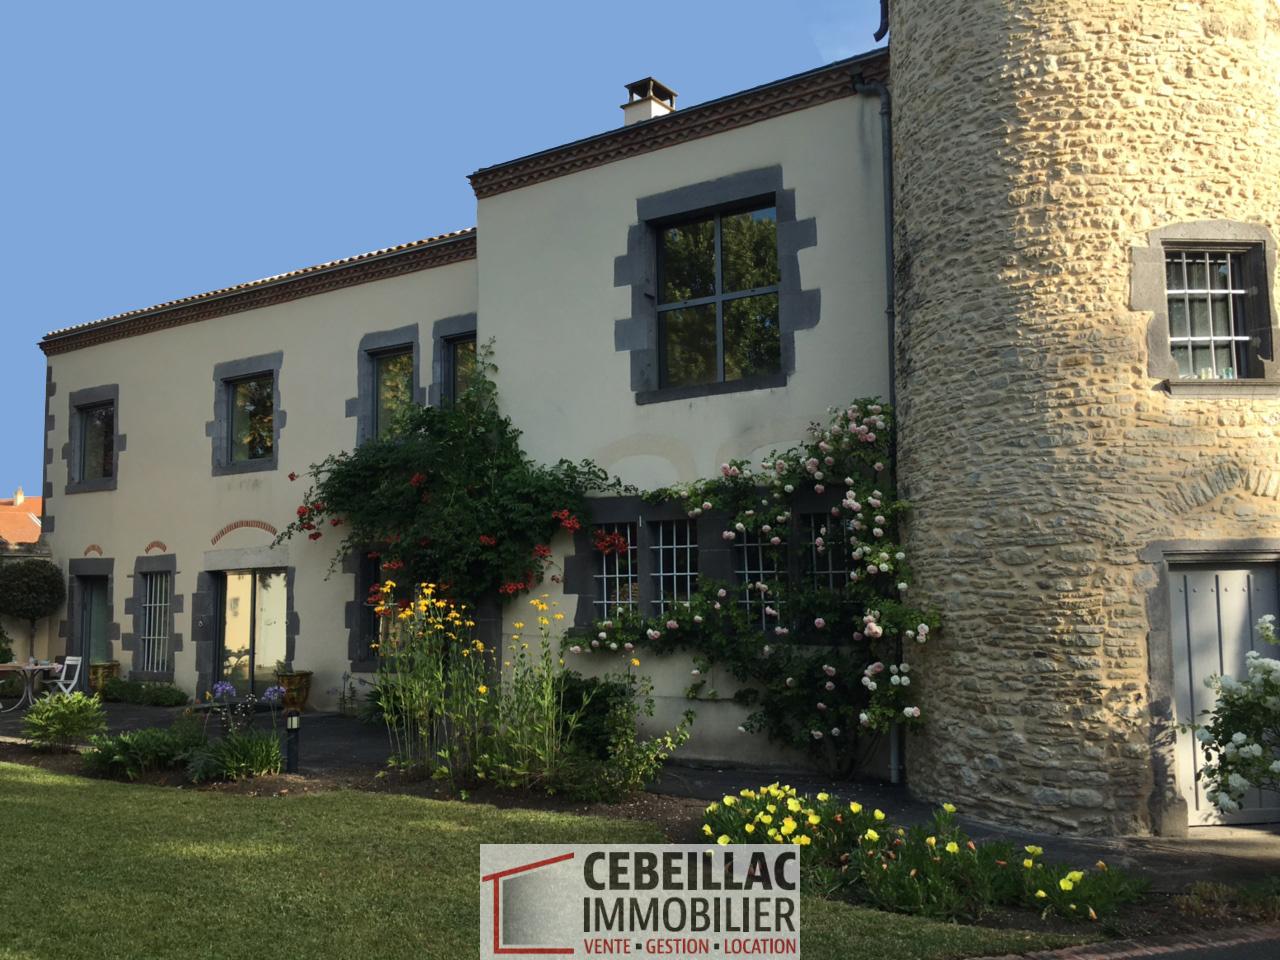 Vente maison clermont ferrand 63000 sur le partenaire - Maison jardin nantes clermont ferrand ...